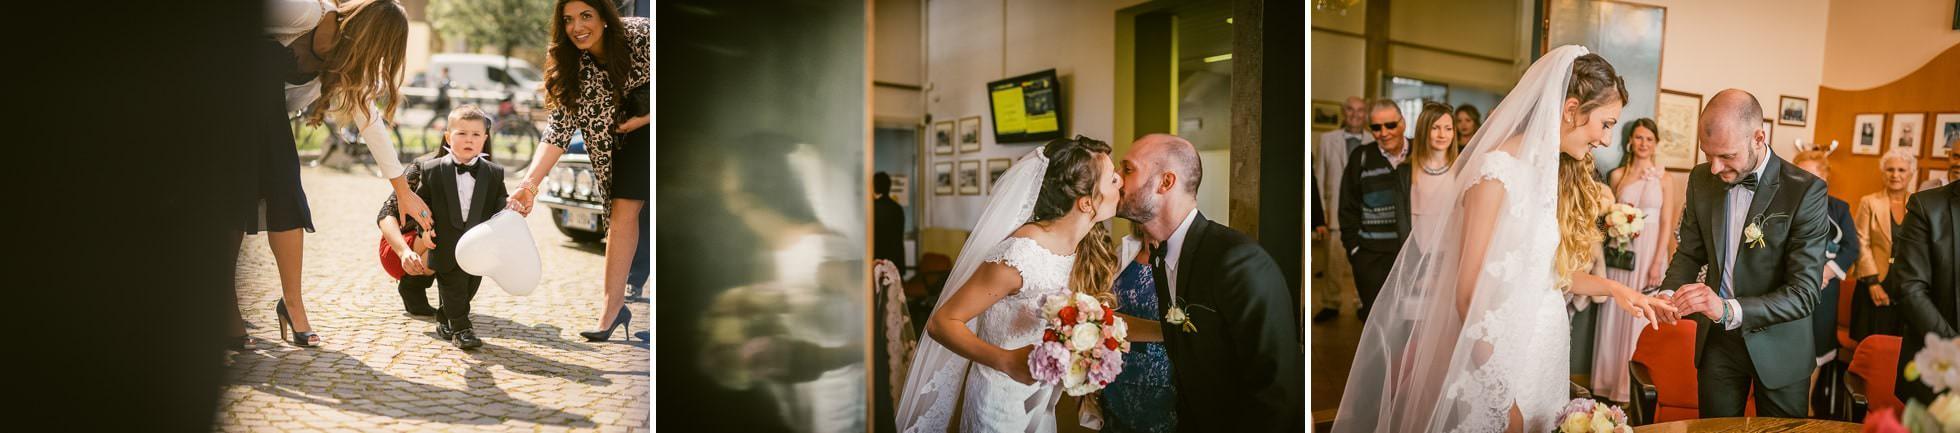 matrimonio in comune spinea foto